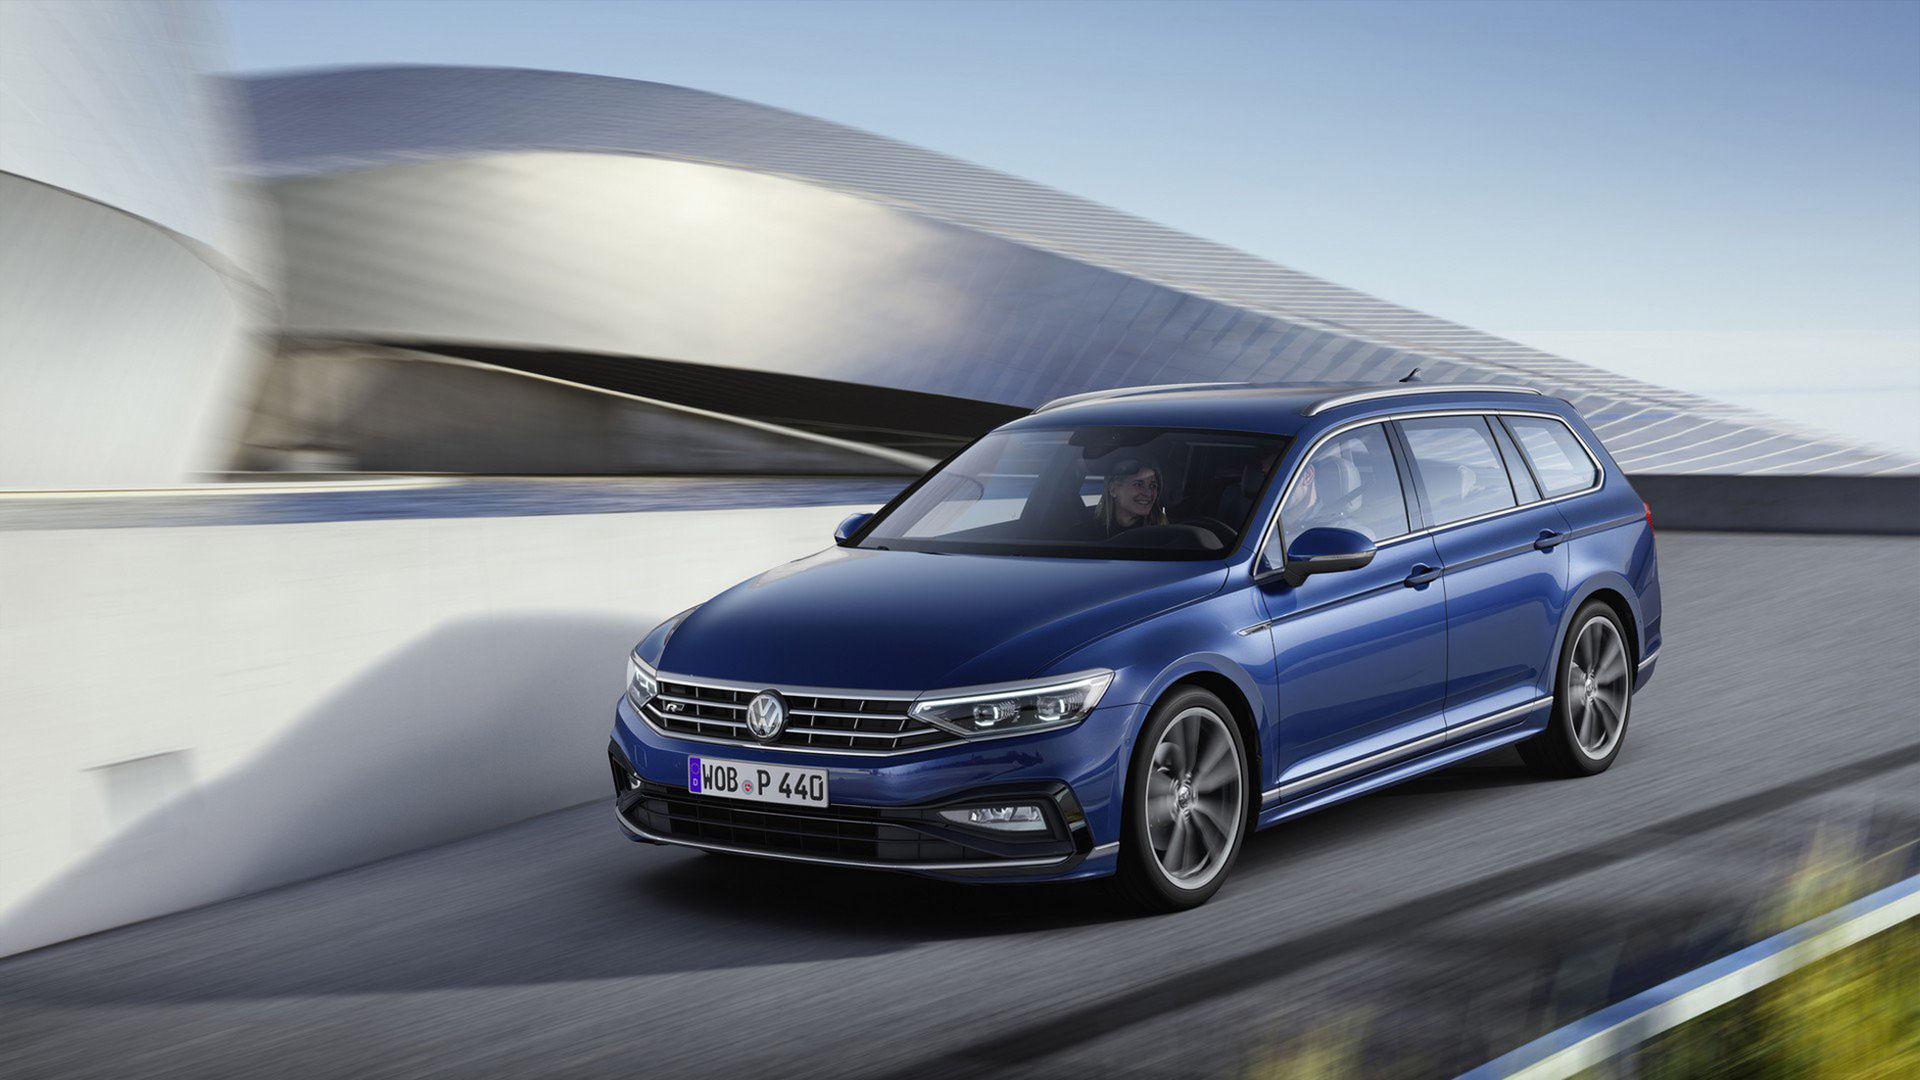 Här är Europa-versionen av uppdaterade Volkswagen Passat